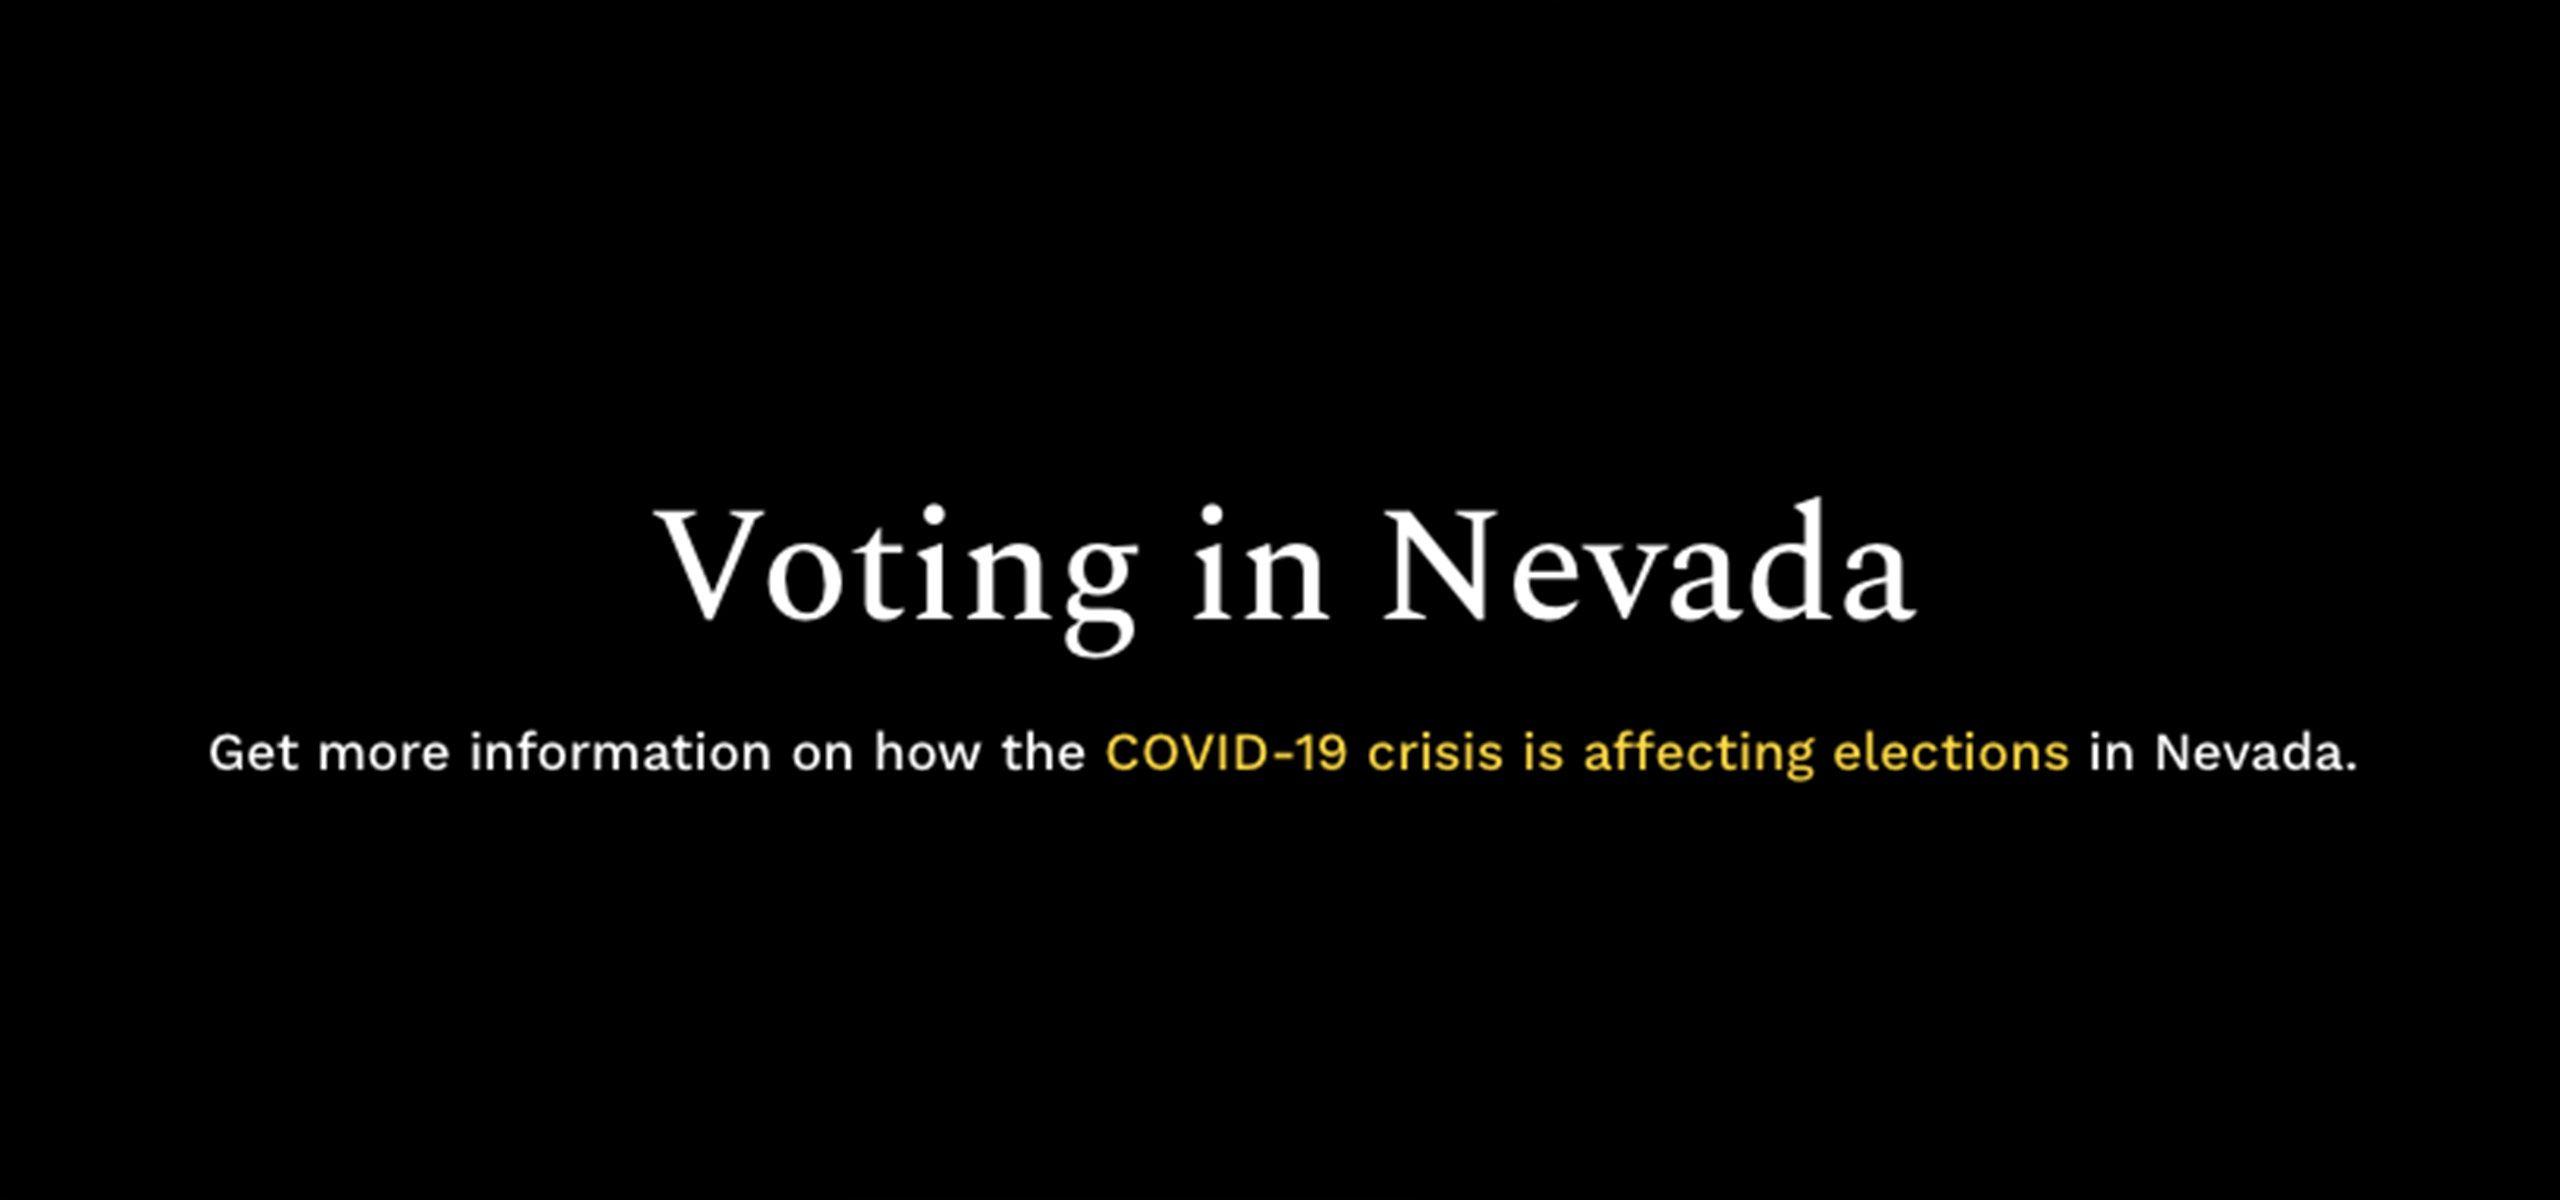 Rock The Vote Nevada